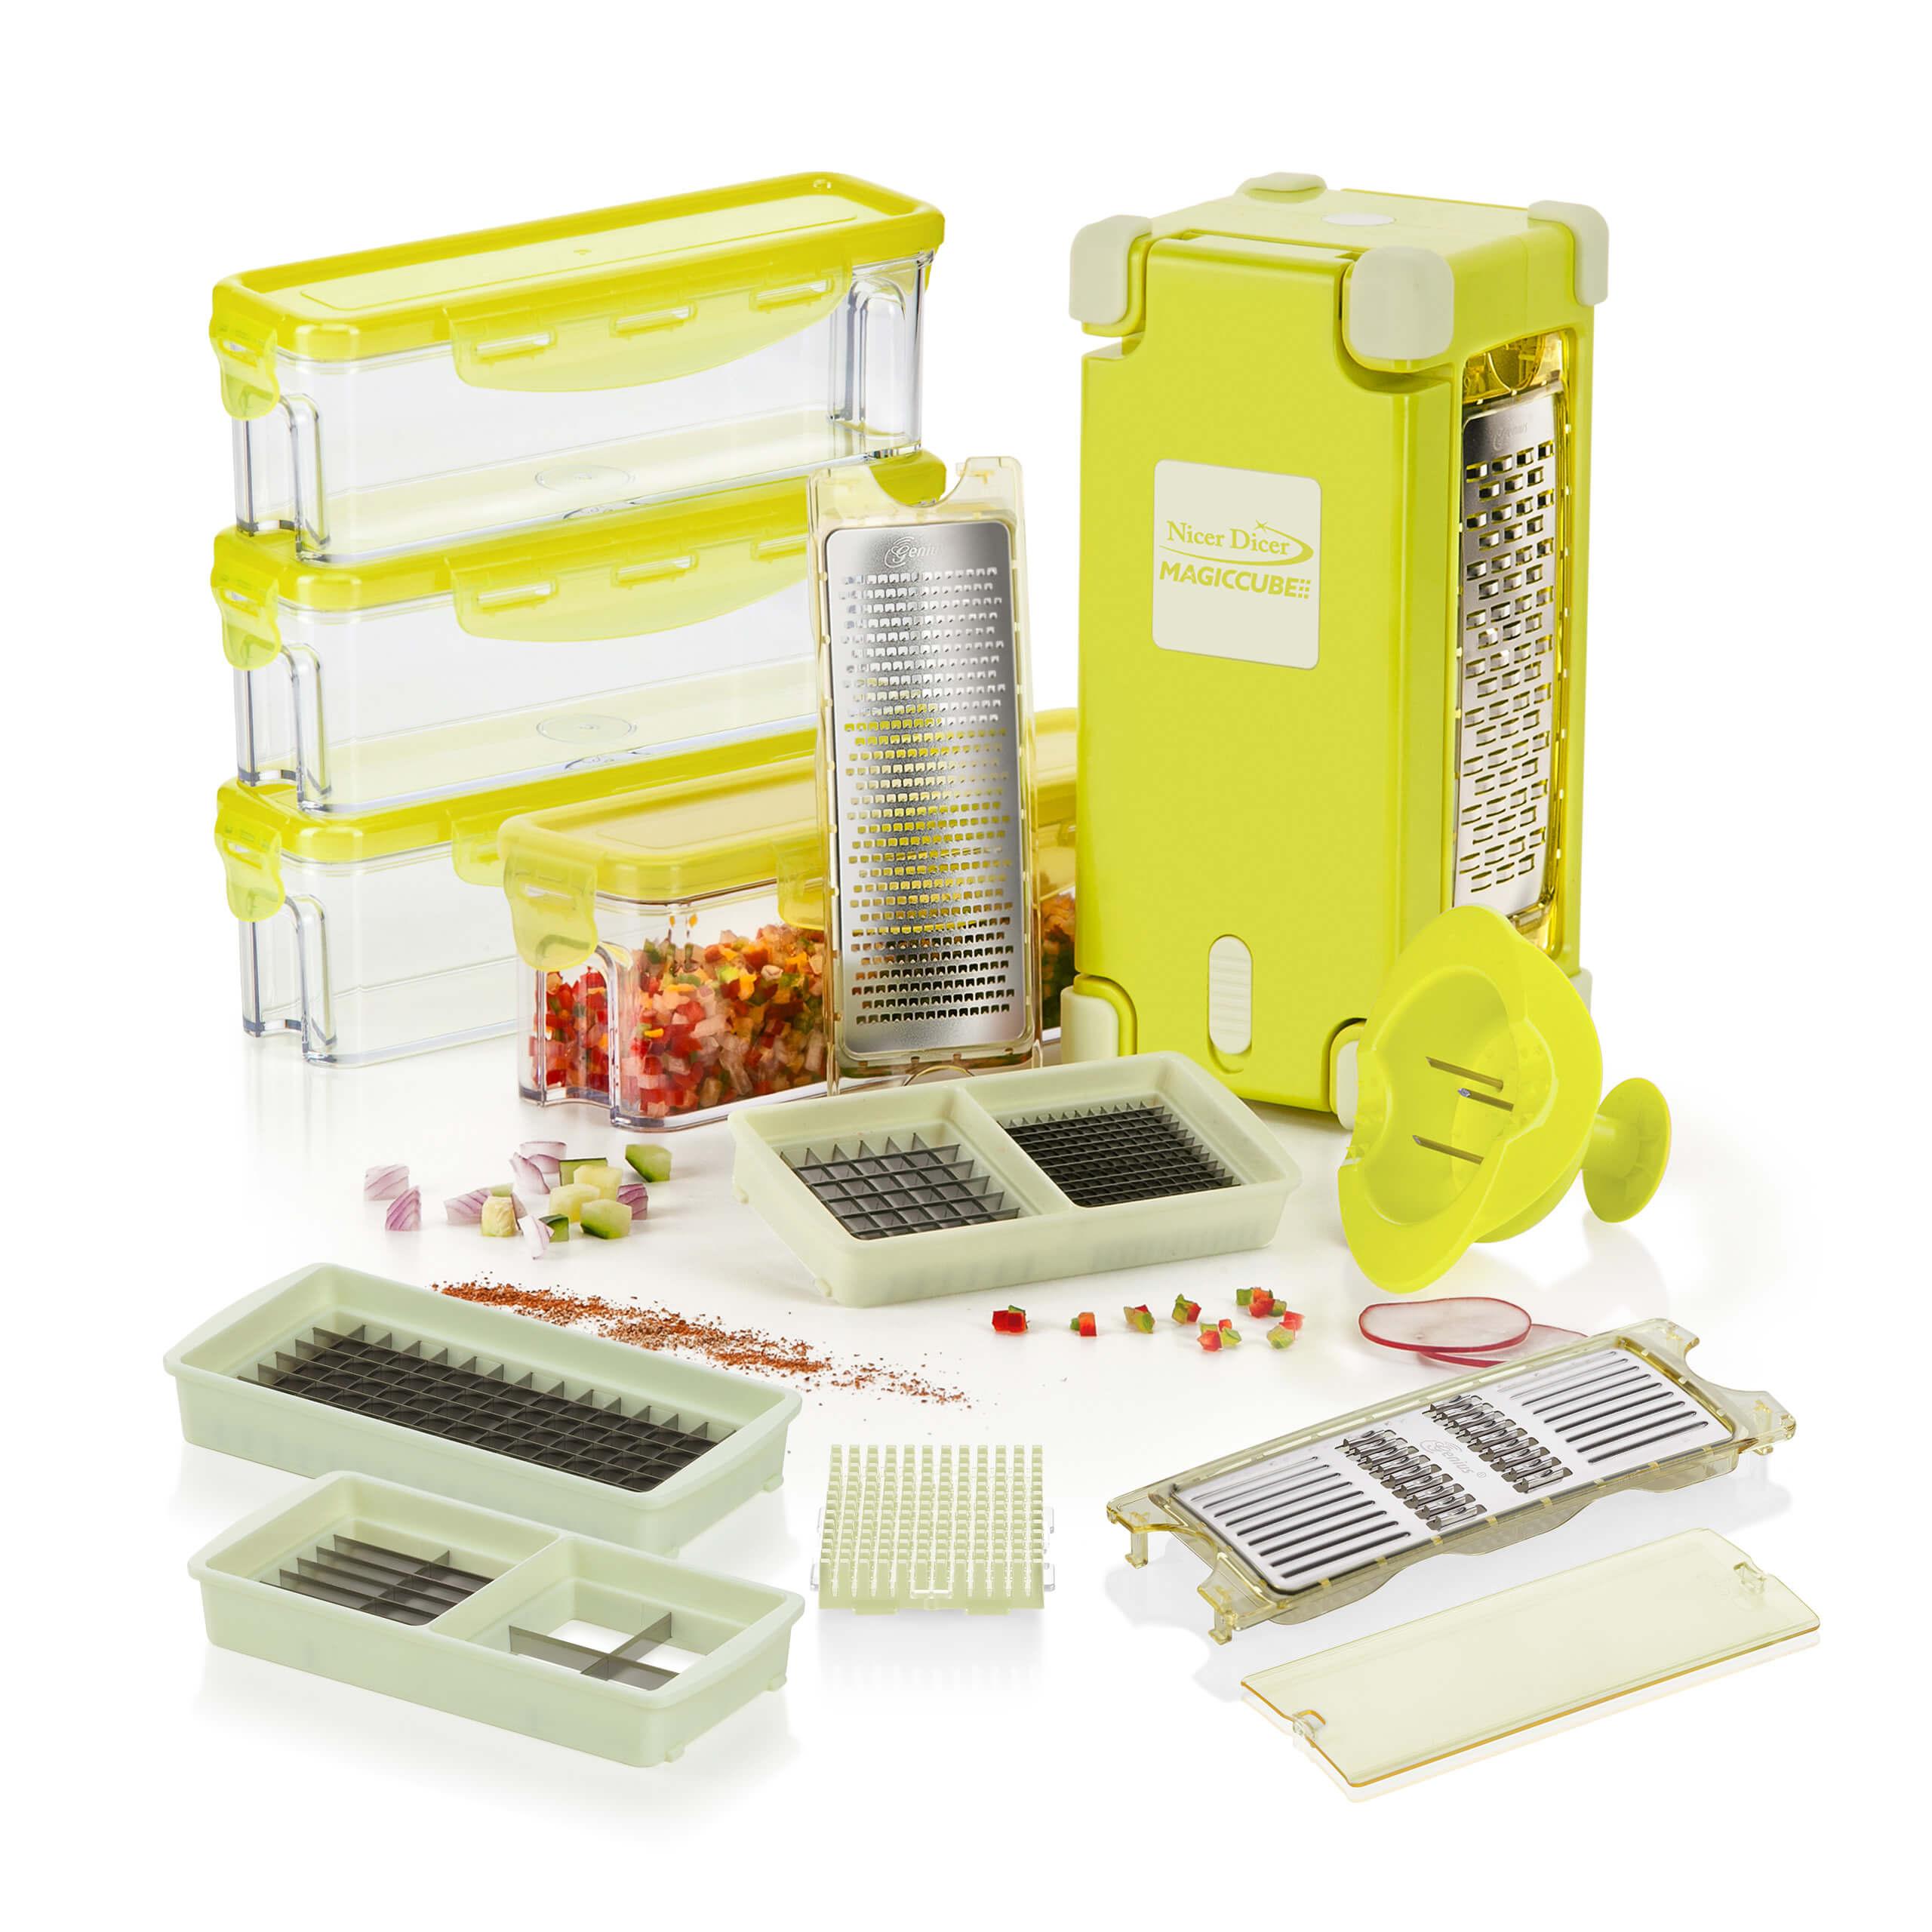 Nicer Dicer Magic Cube Gourmet, XL-Set 19tlg.